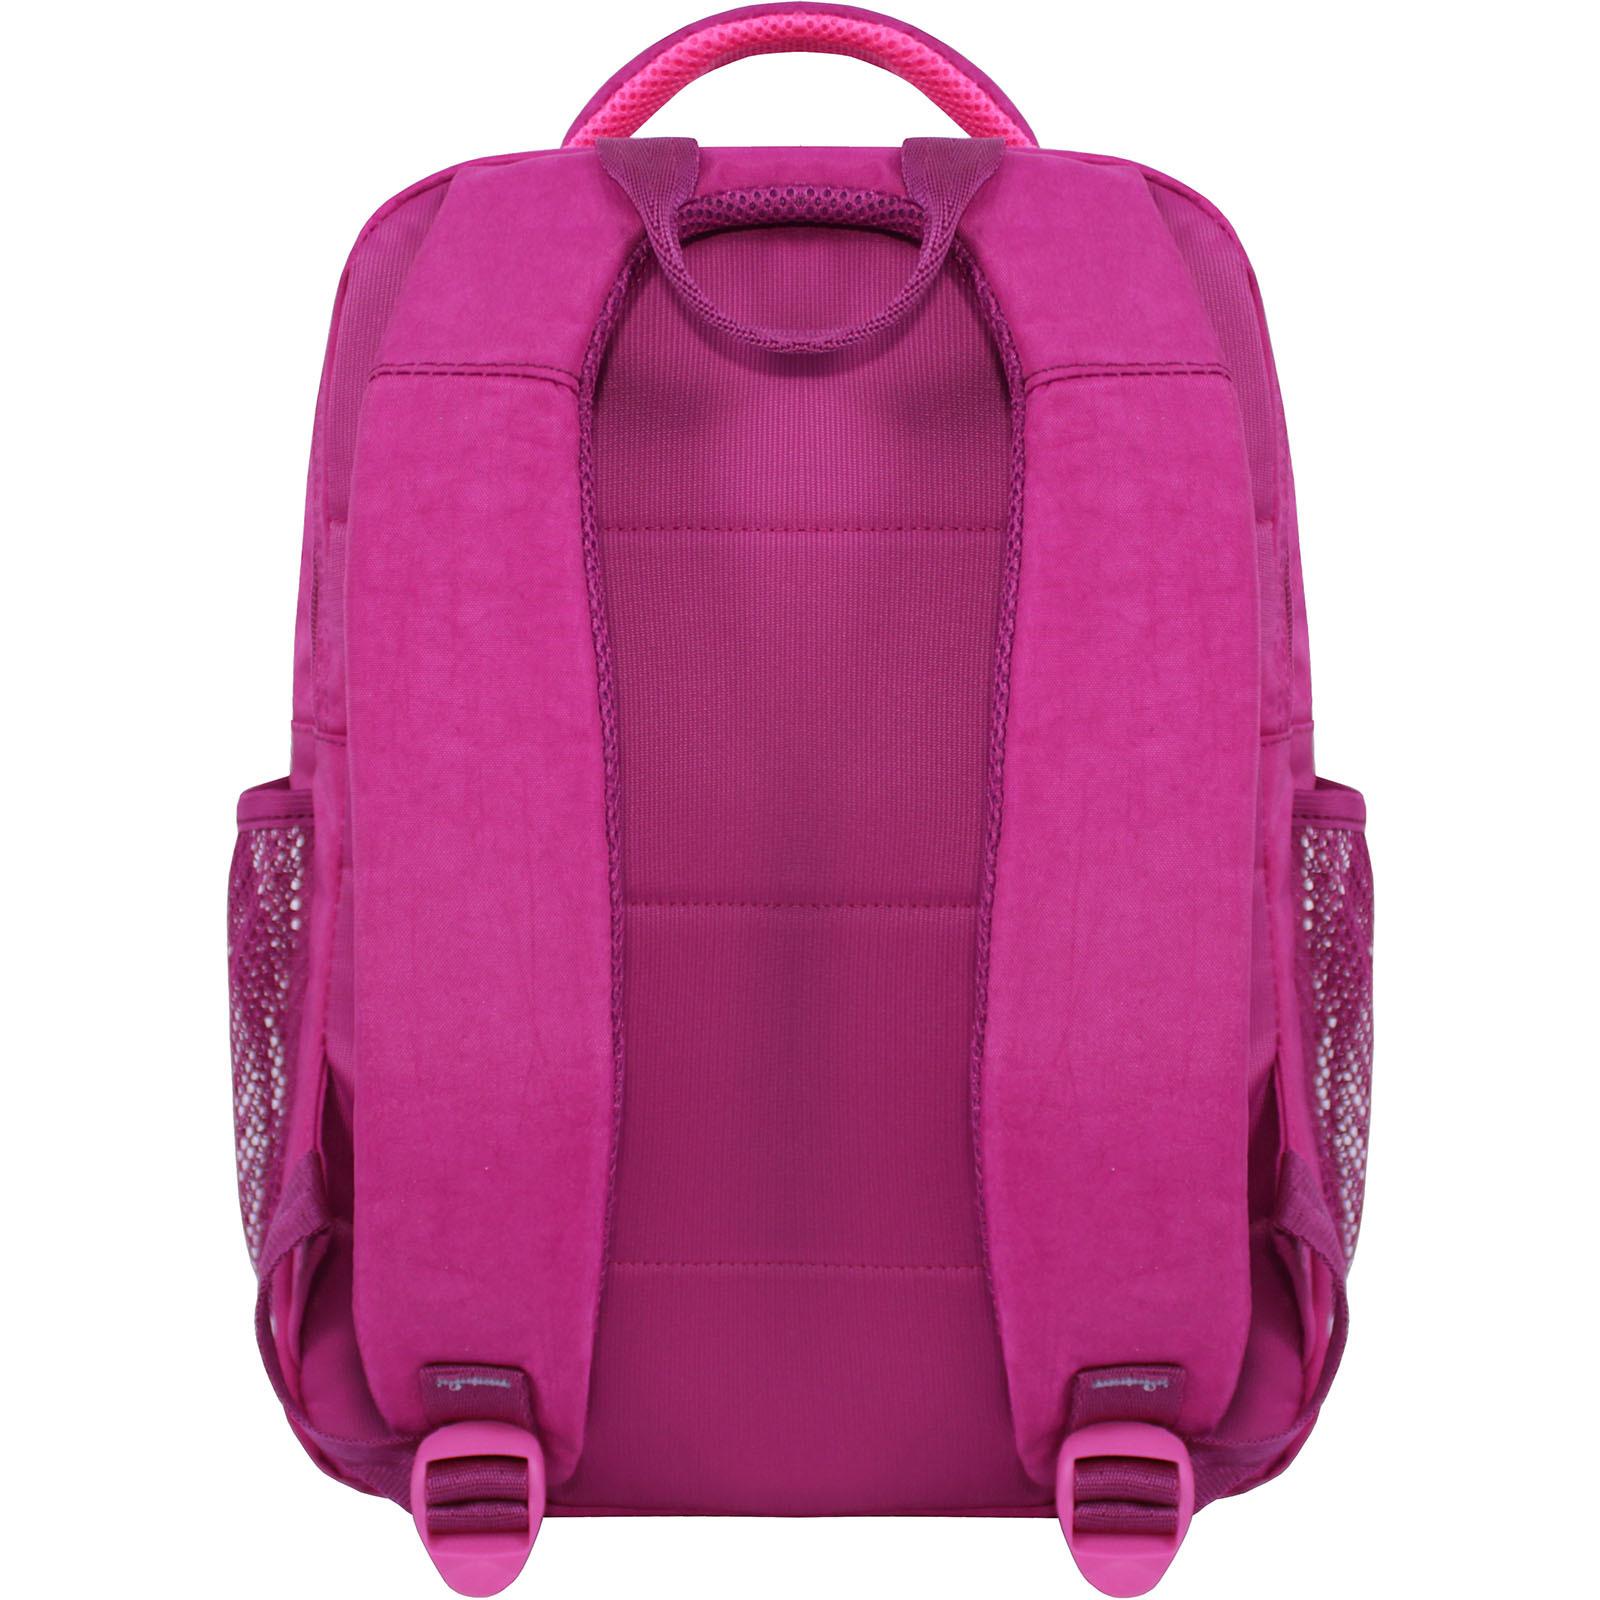 Рюкзак школьный Bagland Школьник 8 л. 143 малина 617 (00112702) фото 3